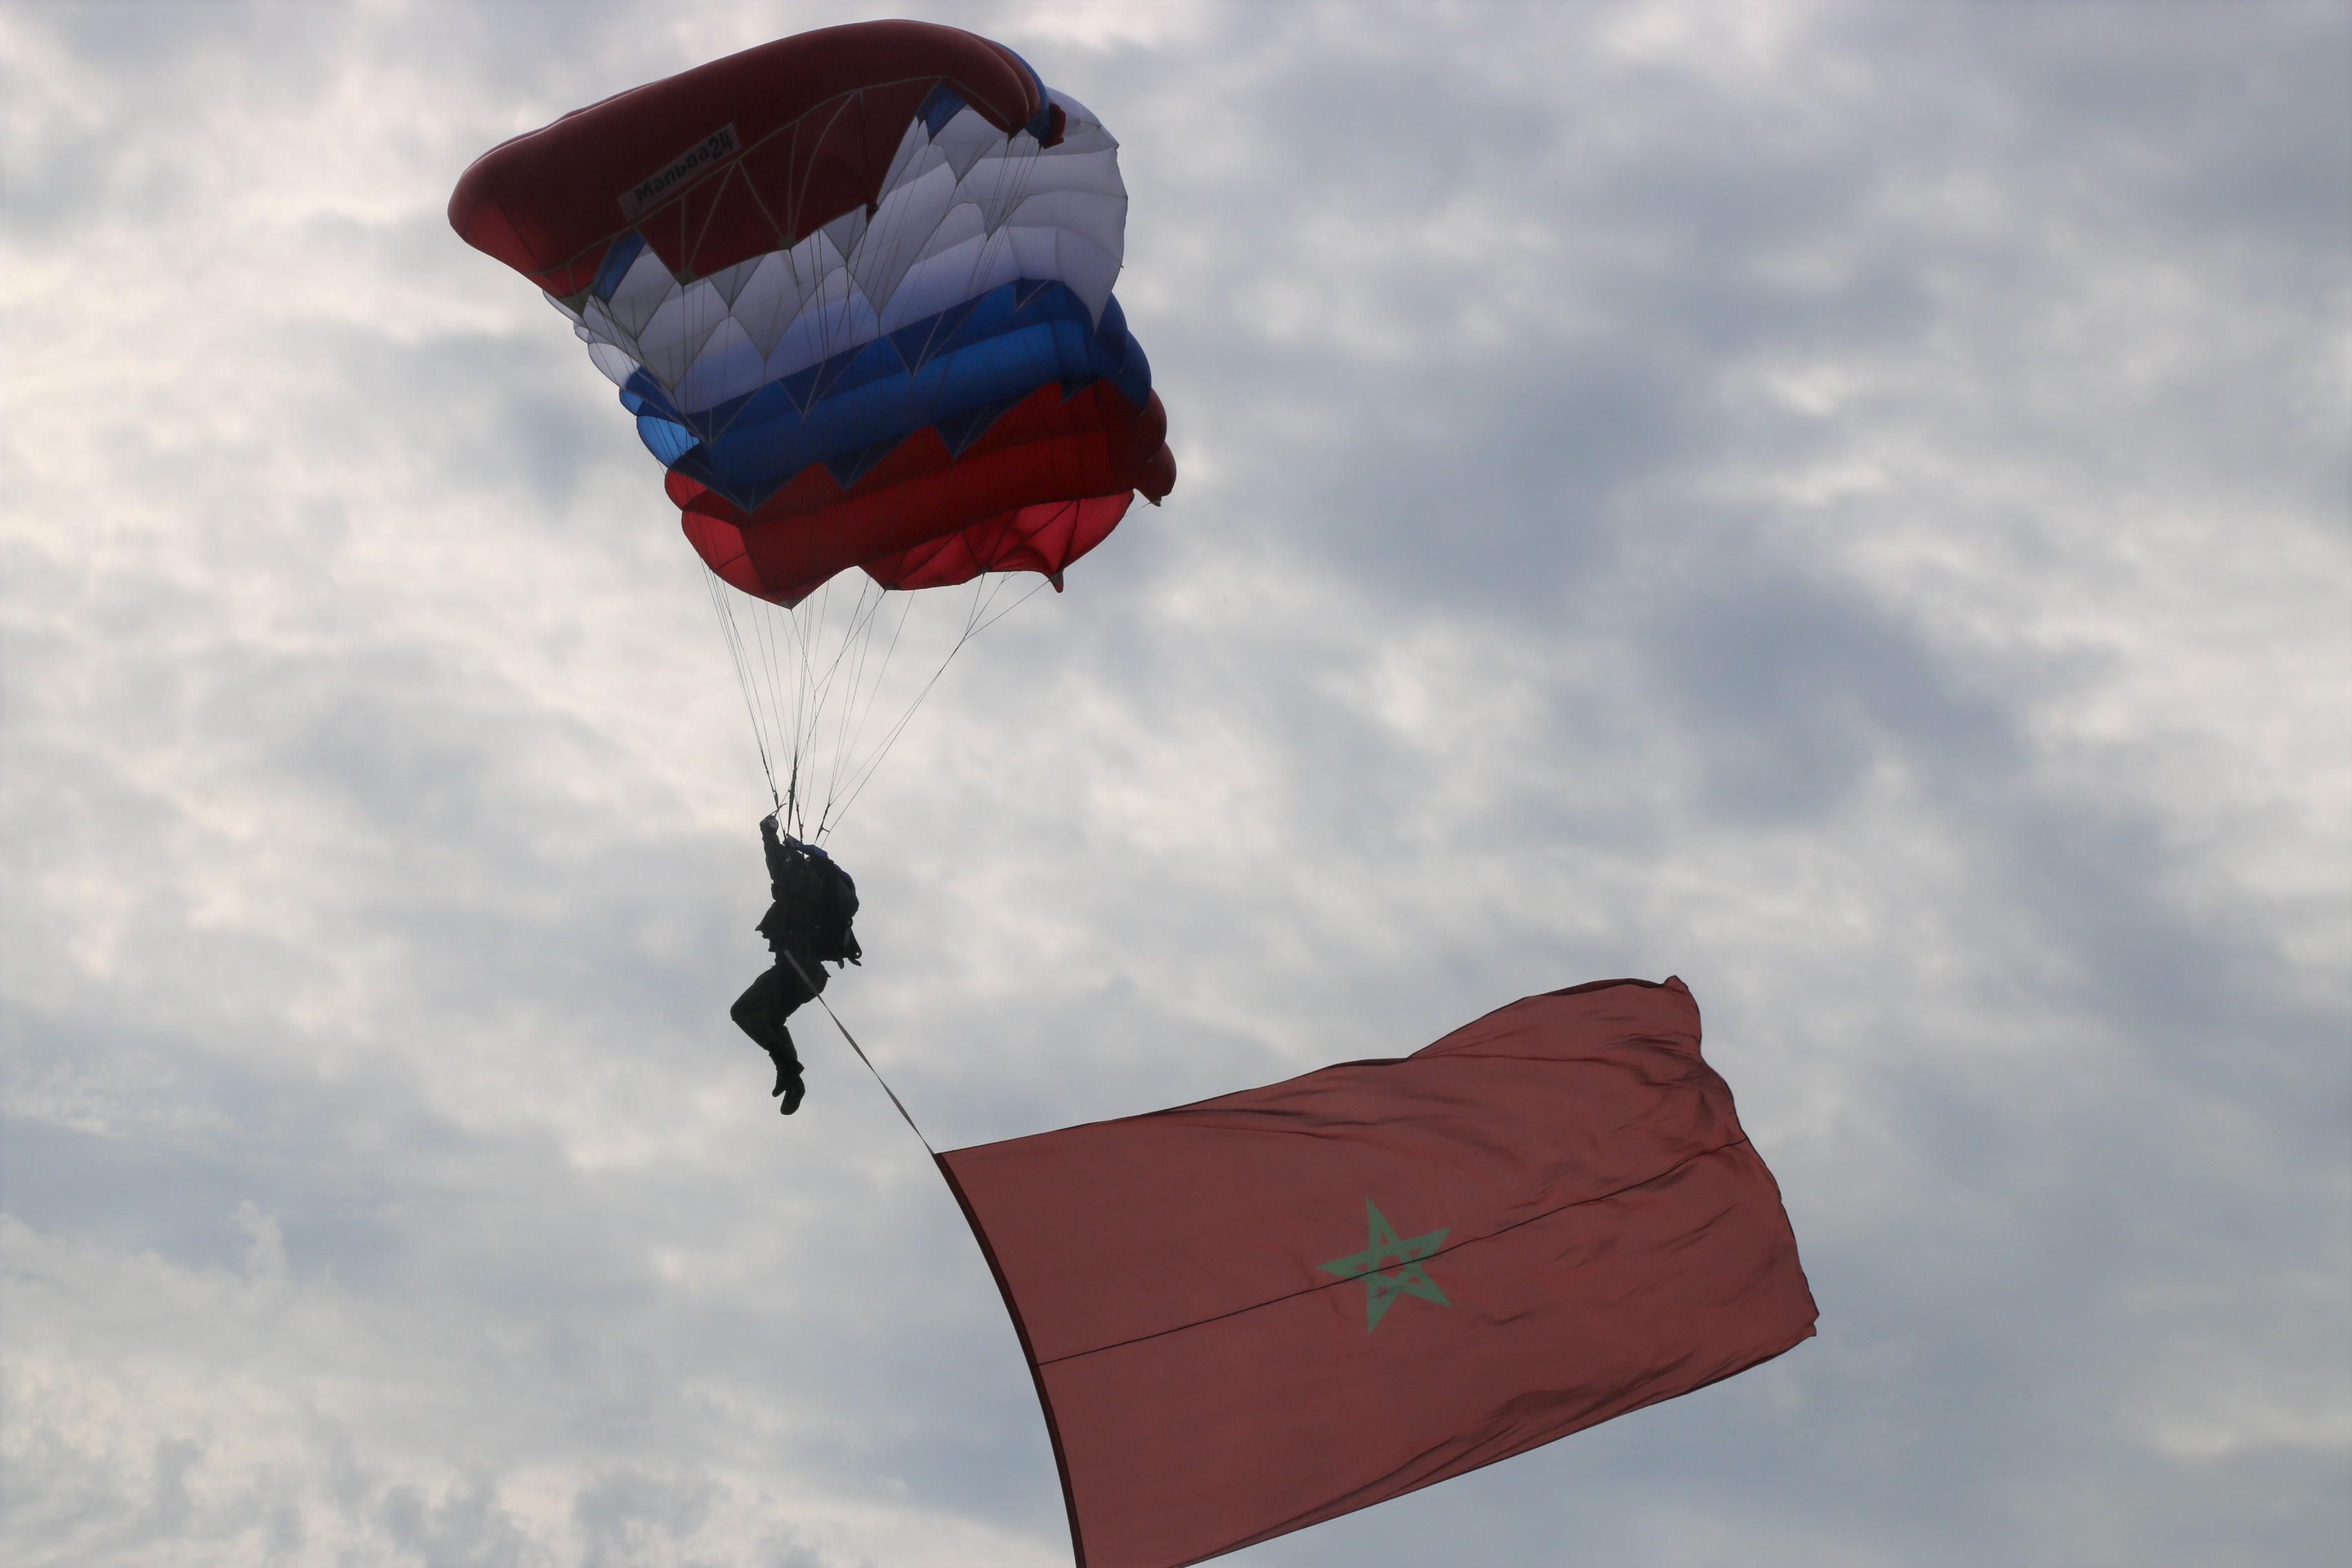 فريق من المظليين المنضوين تحت لواء الجيش المغربي يفوز بجائزة دولية مرموقة